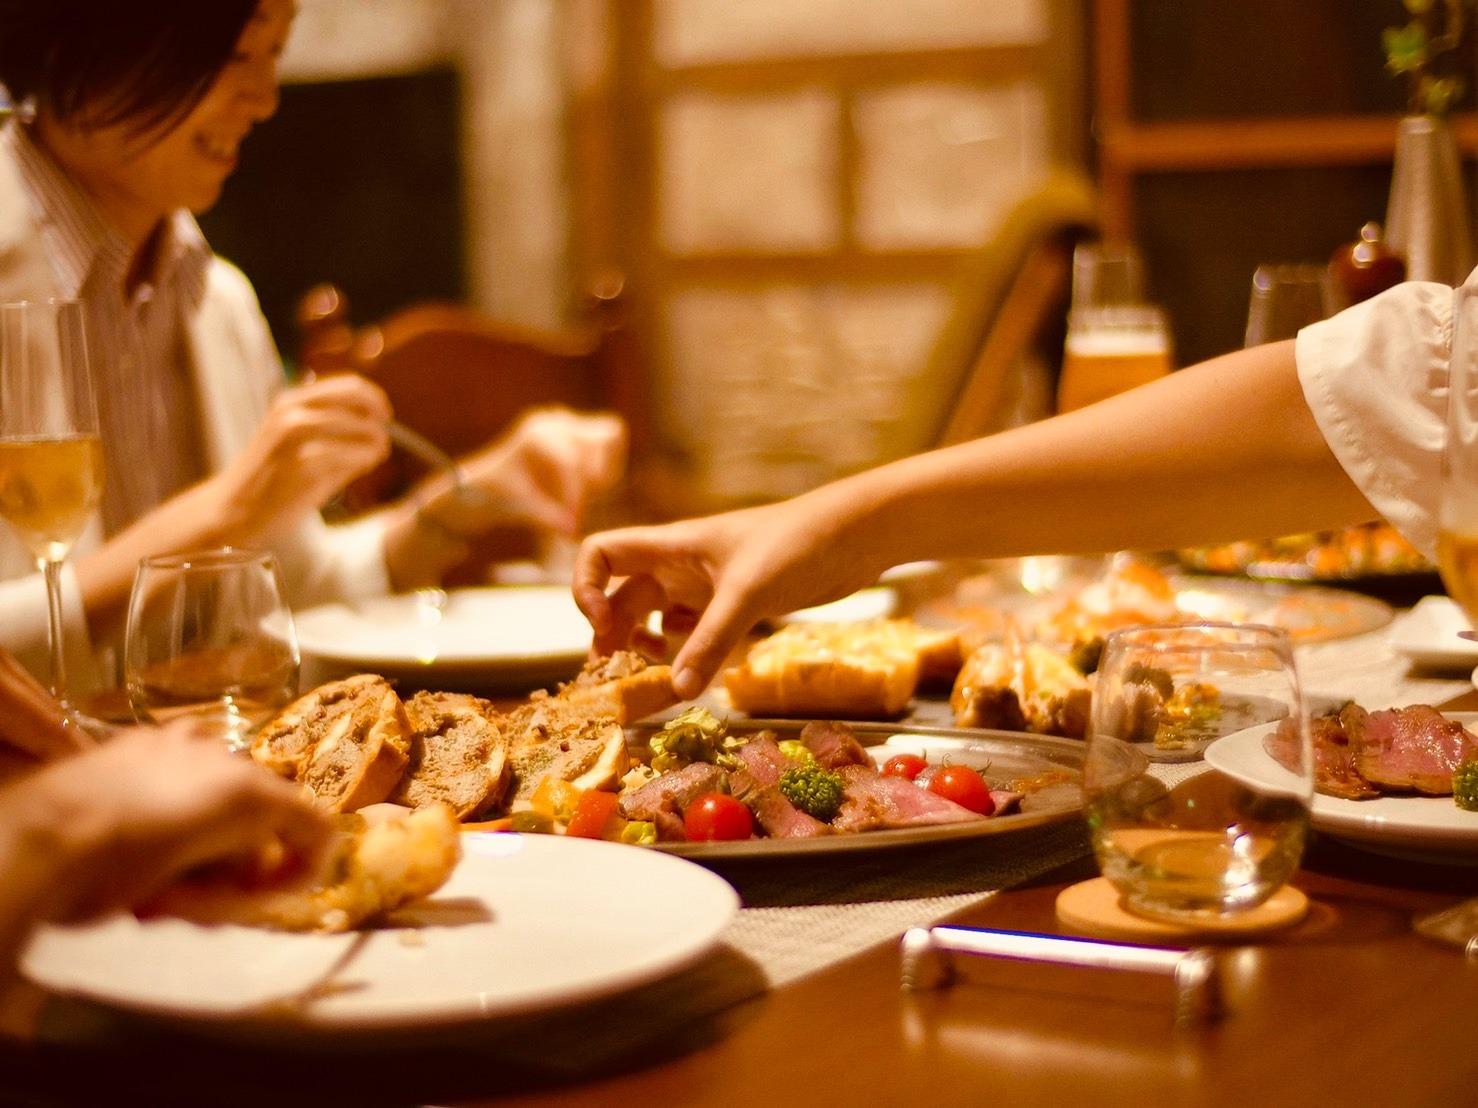 皆で食卓を囲む幸せ。